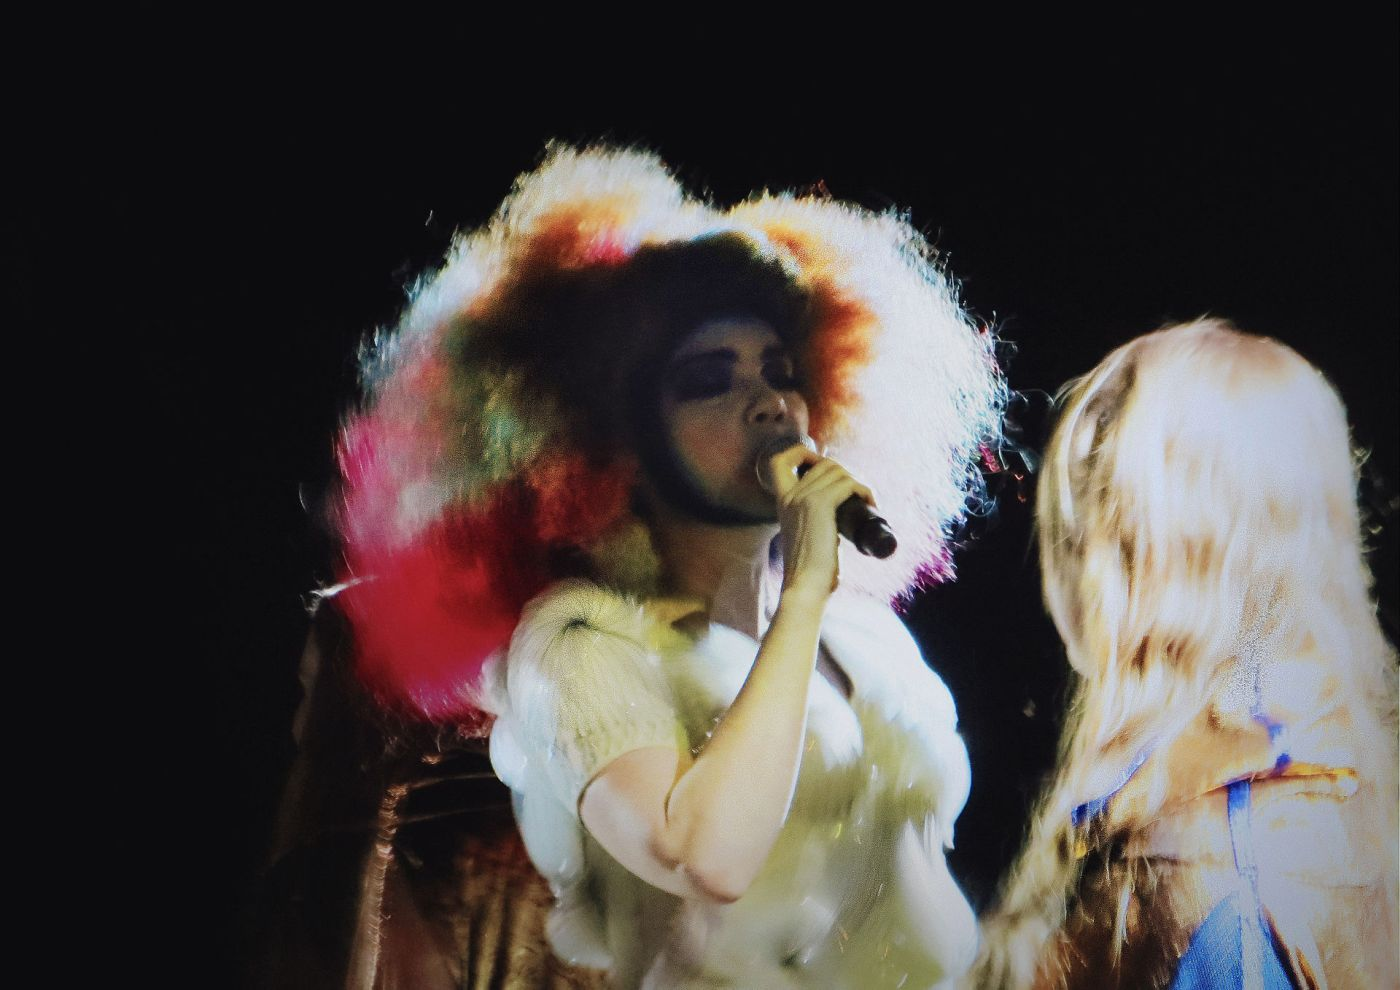 Björk, fot. Rlef89. Na licencji CC BY-SA 2.0 (źródło: Flickr)